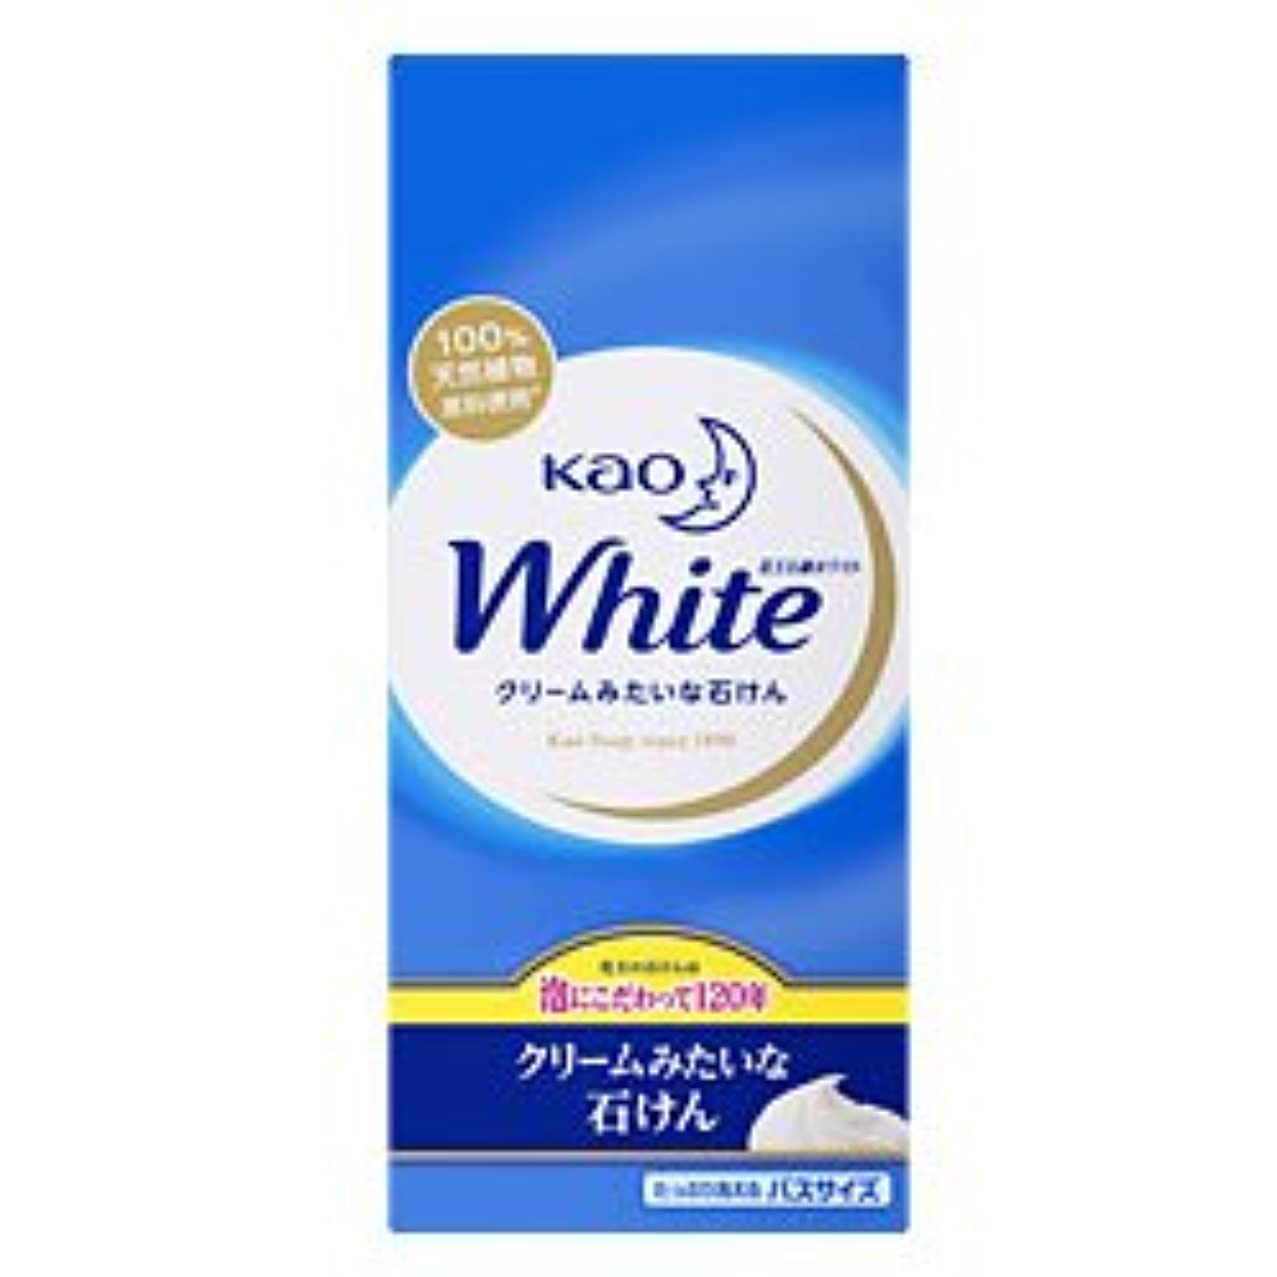 あご合理的社会【花王】花王ホワイト バスサイズ 130g×6個 ×20個セット